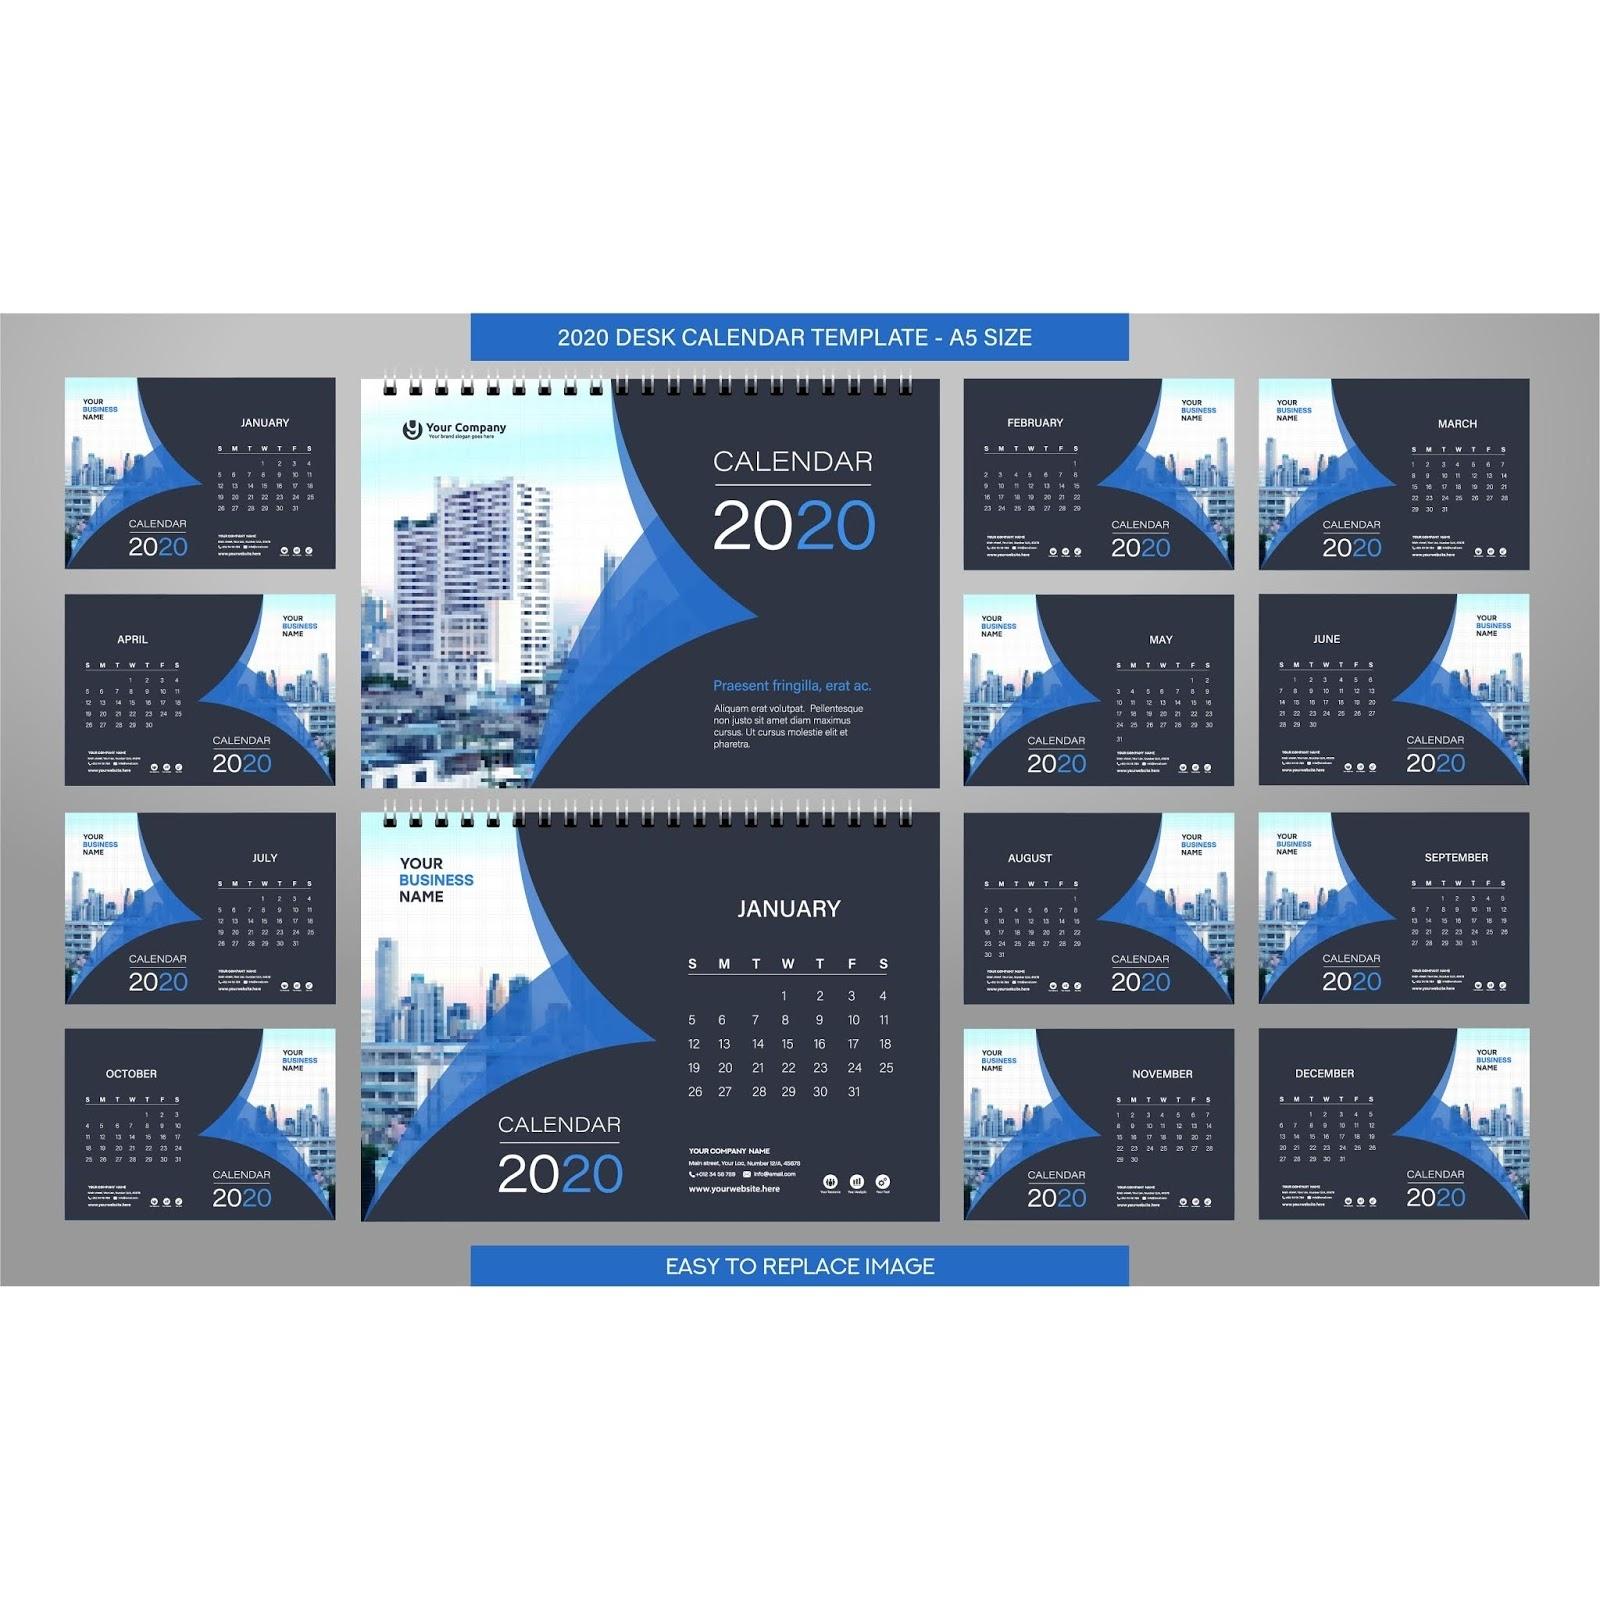 2020 Desk Calendar Template Download A 2020 Calendar Free